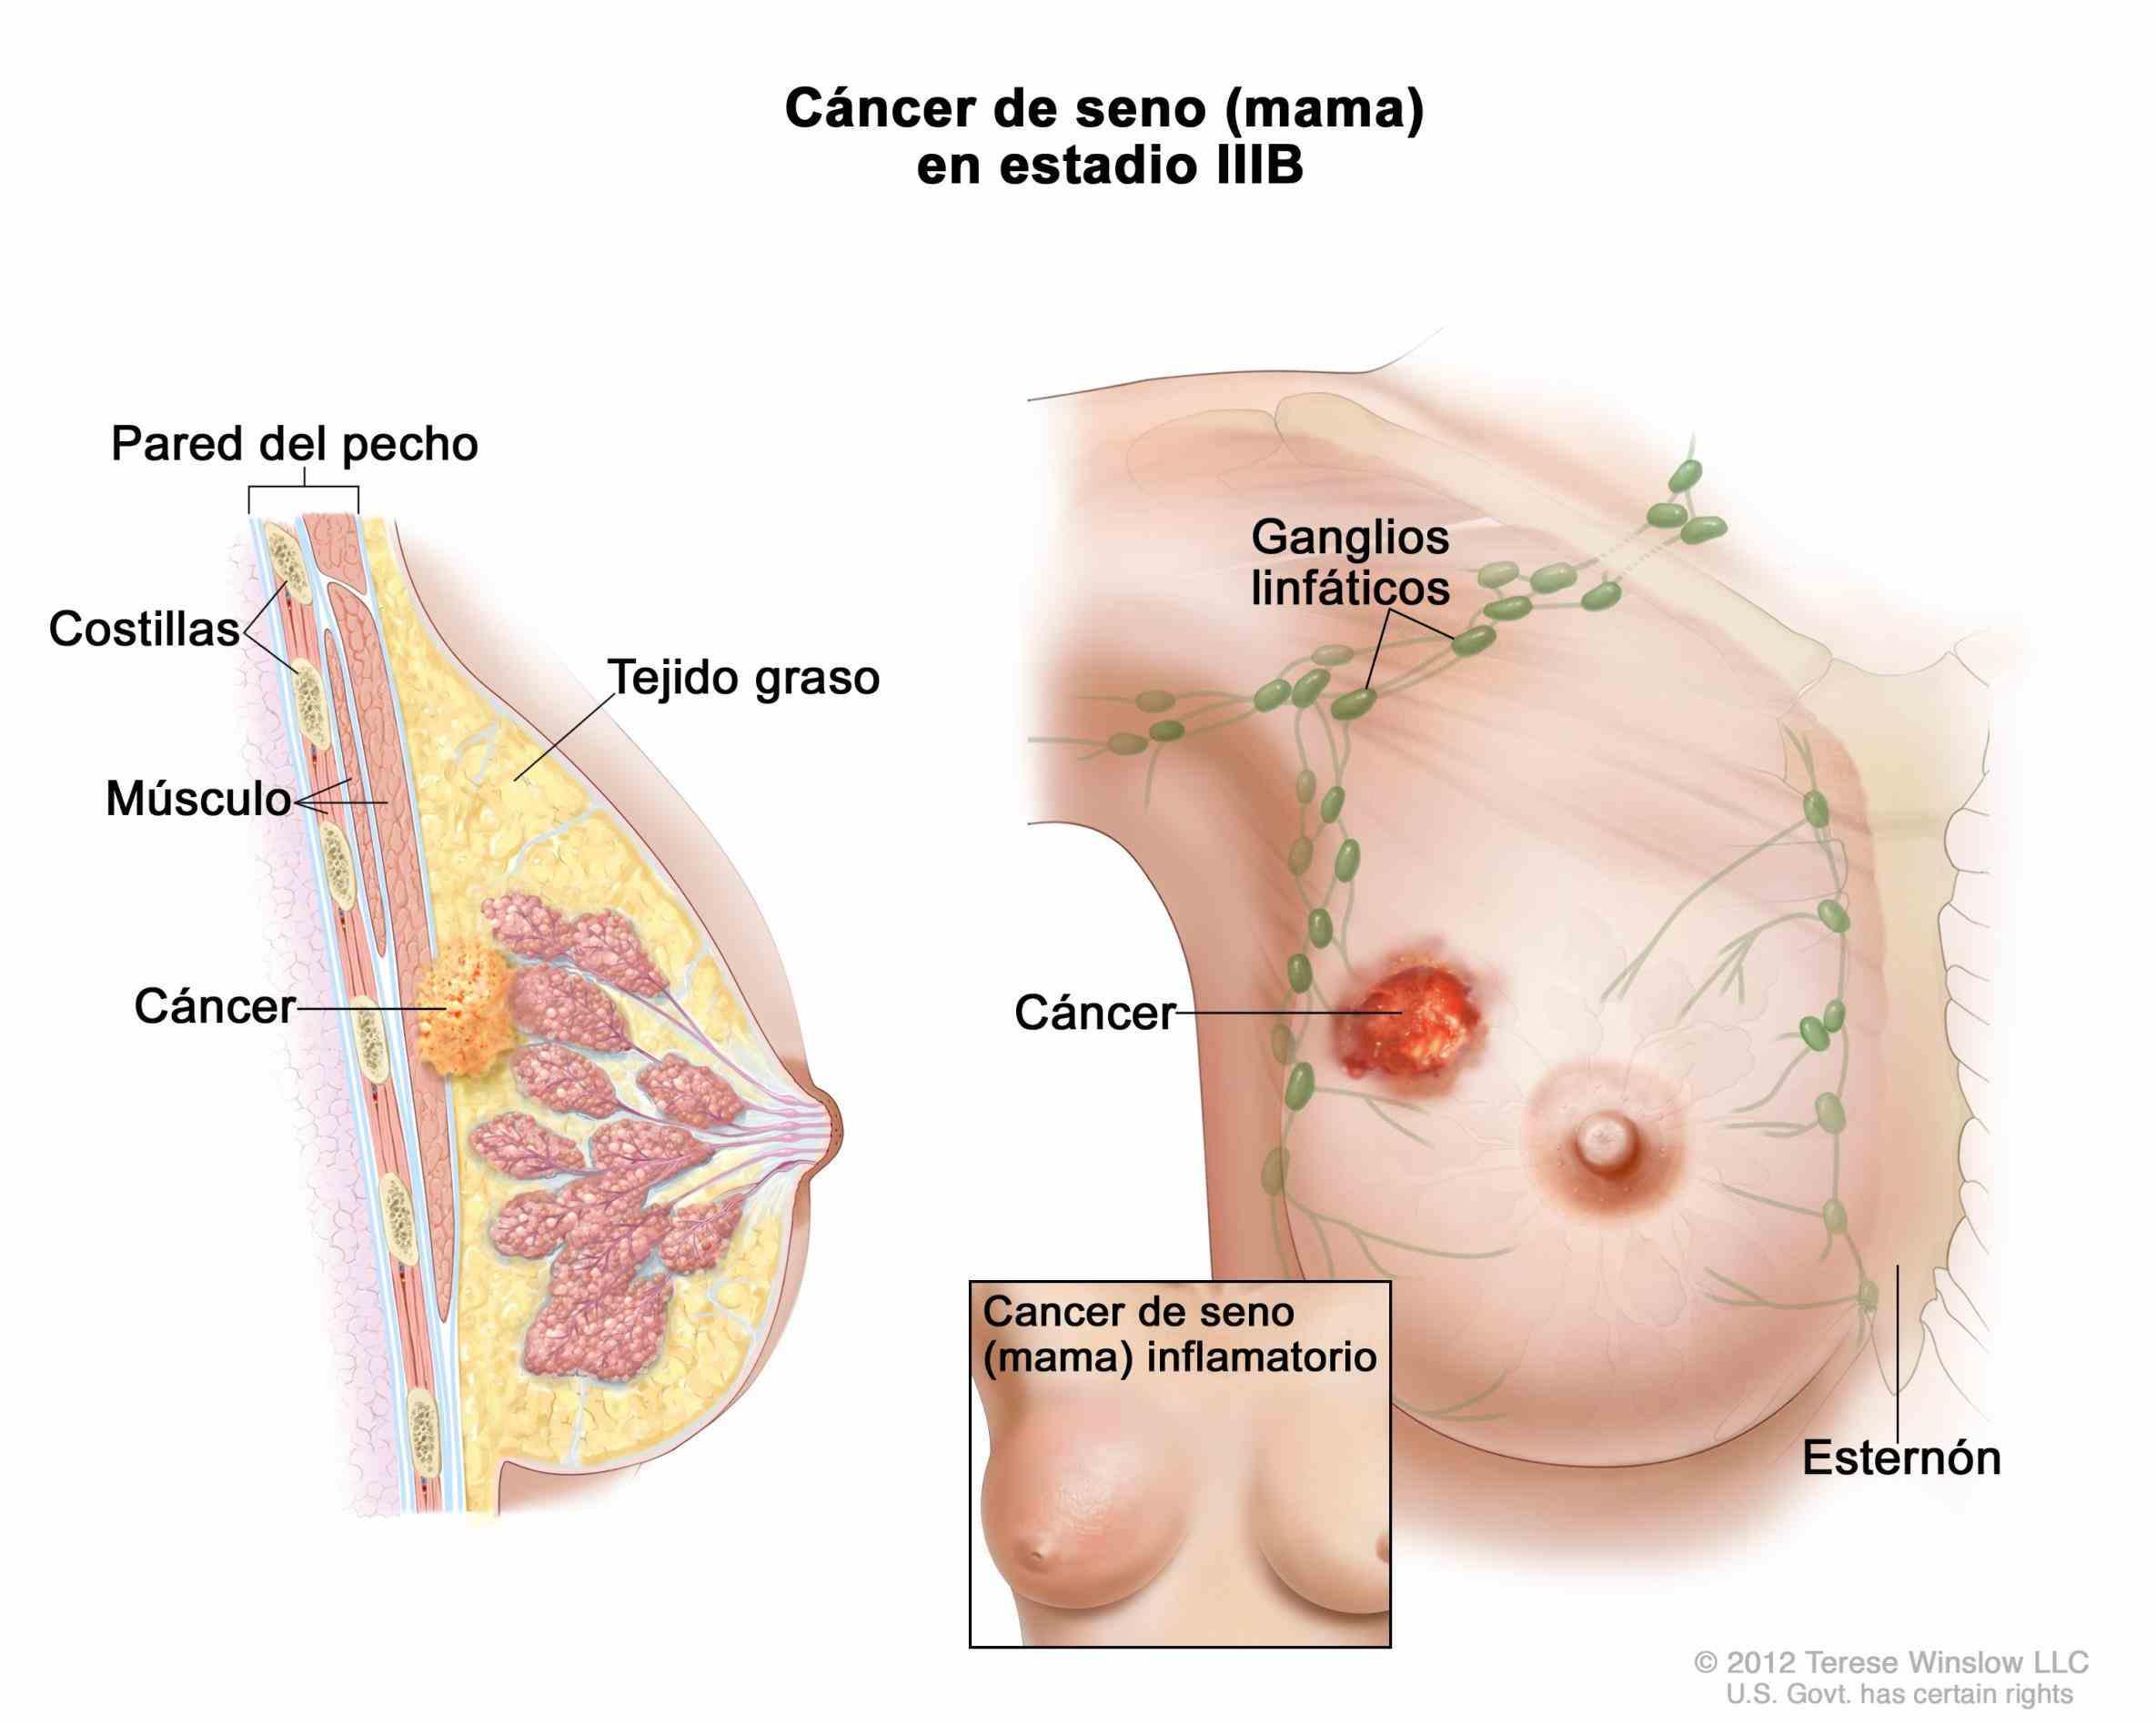 mama se origina cuando las células en comienzan a